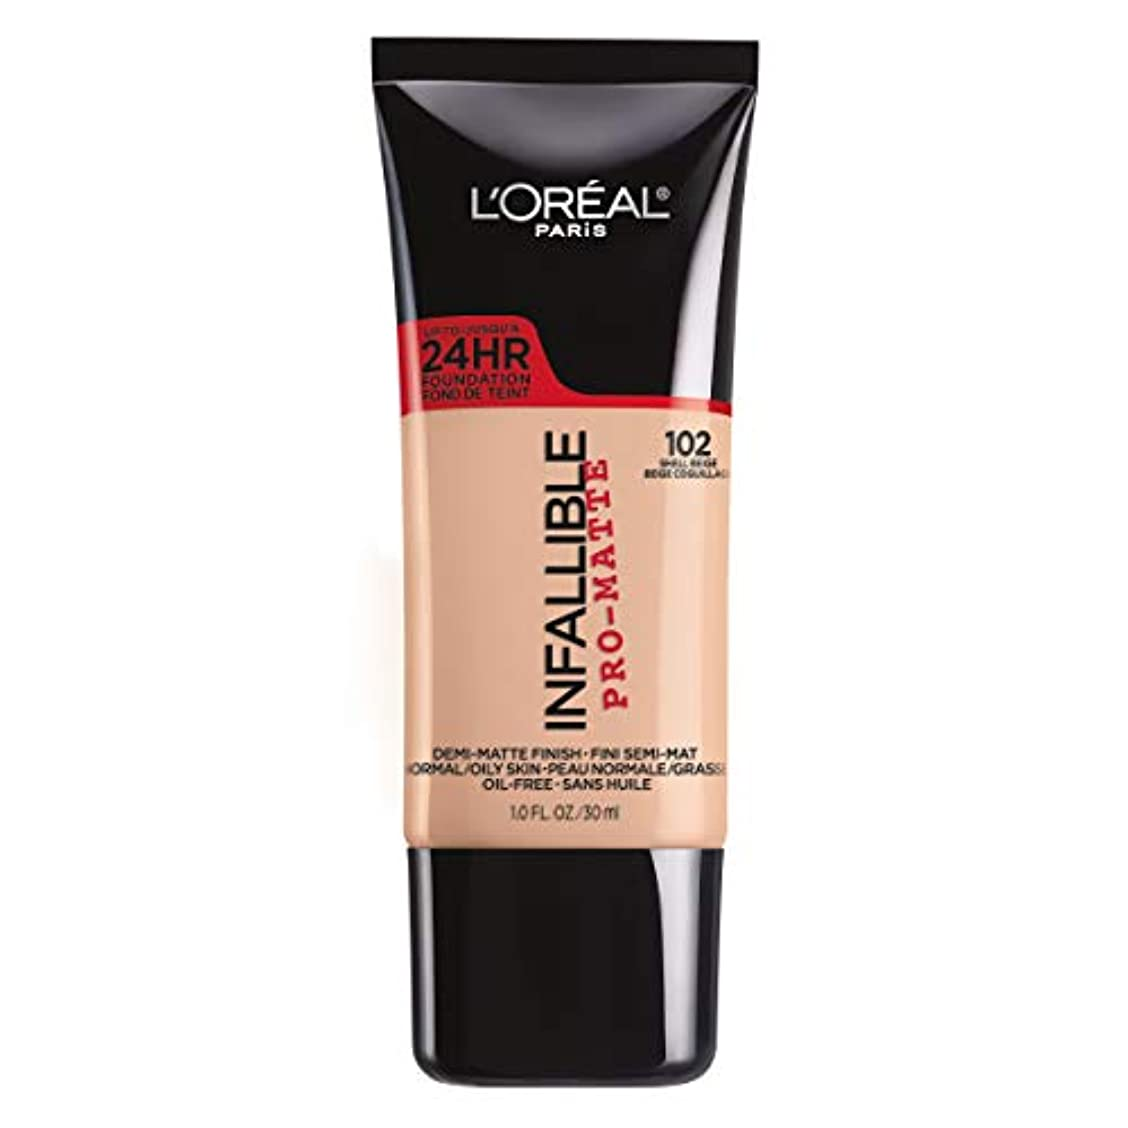 満足できる回想郊外L'Oreal Paris Infallible Pro-Matte Foundation Makeup, 102 Shell Beige, 1 fl. oz[並行輸入品]